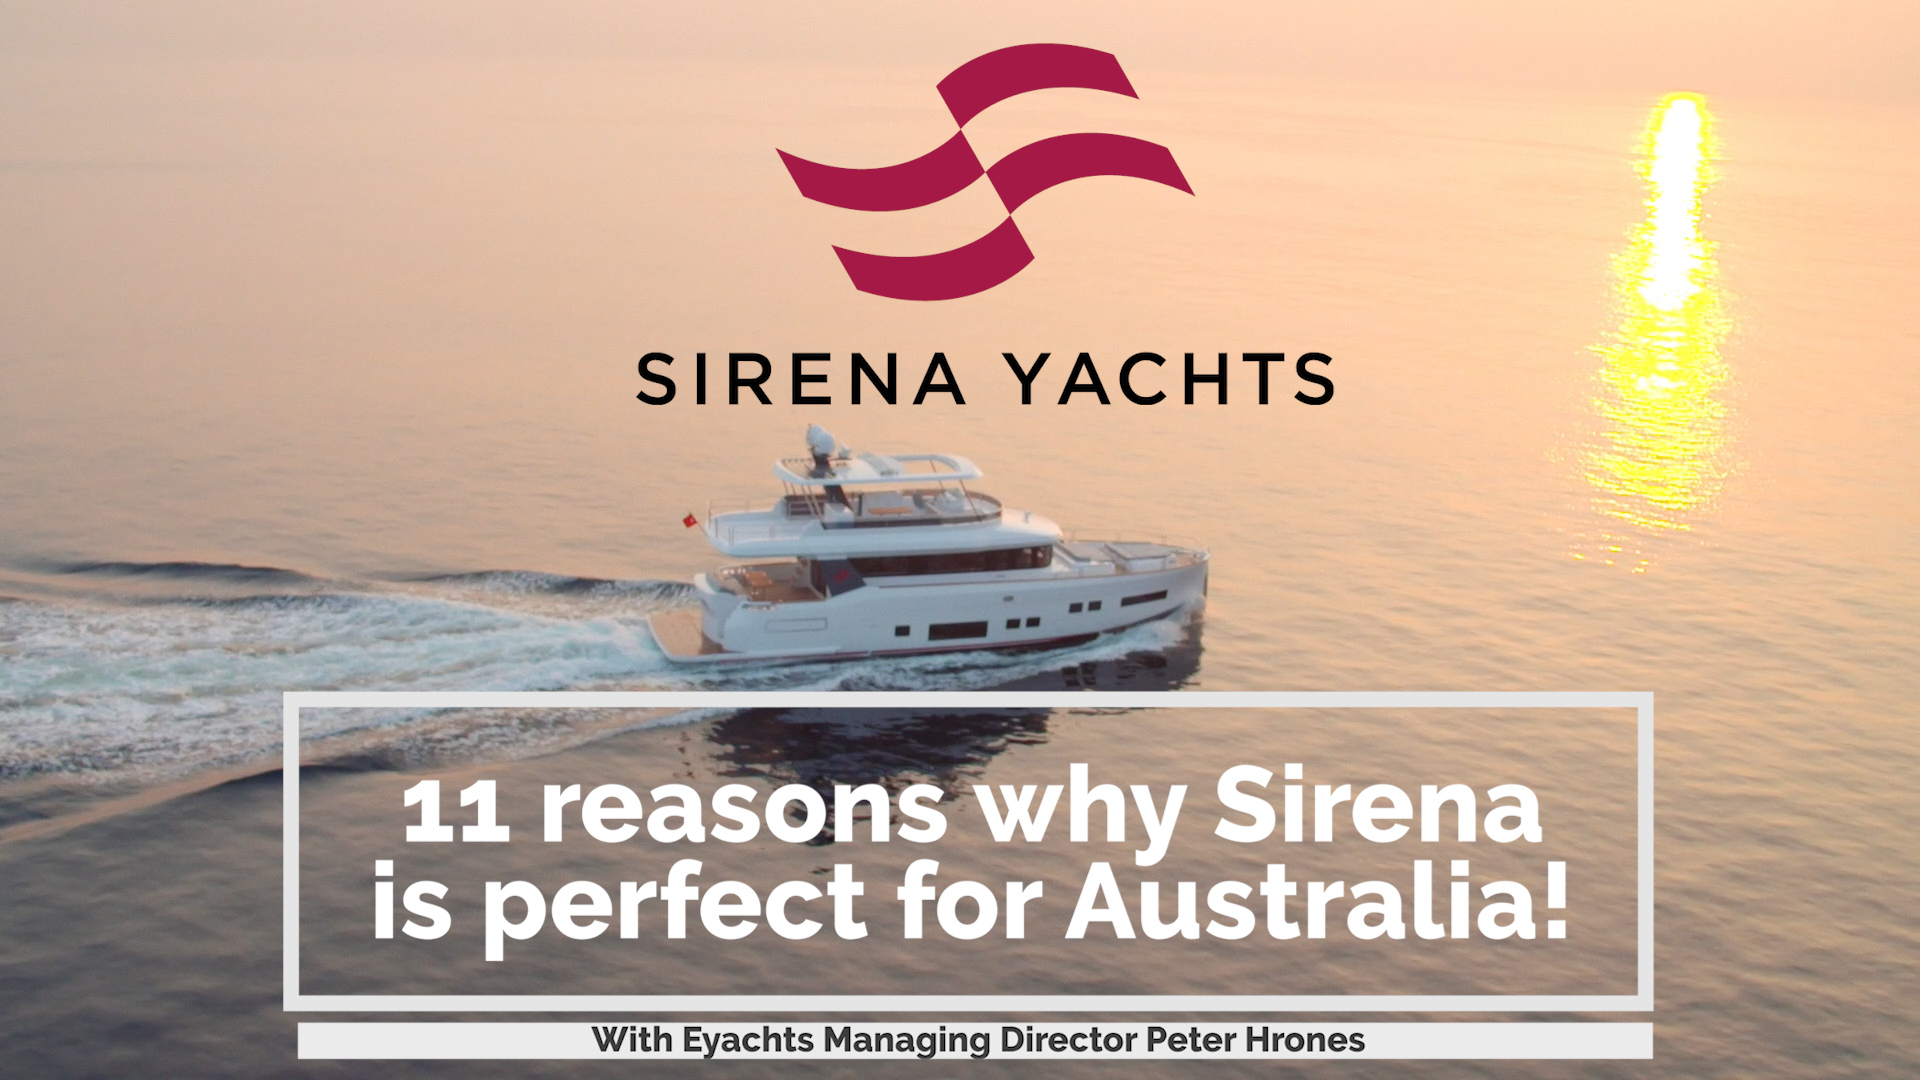 Why Sirena Yachts